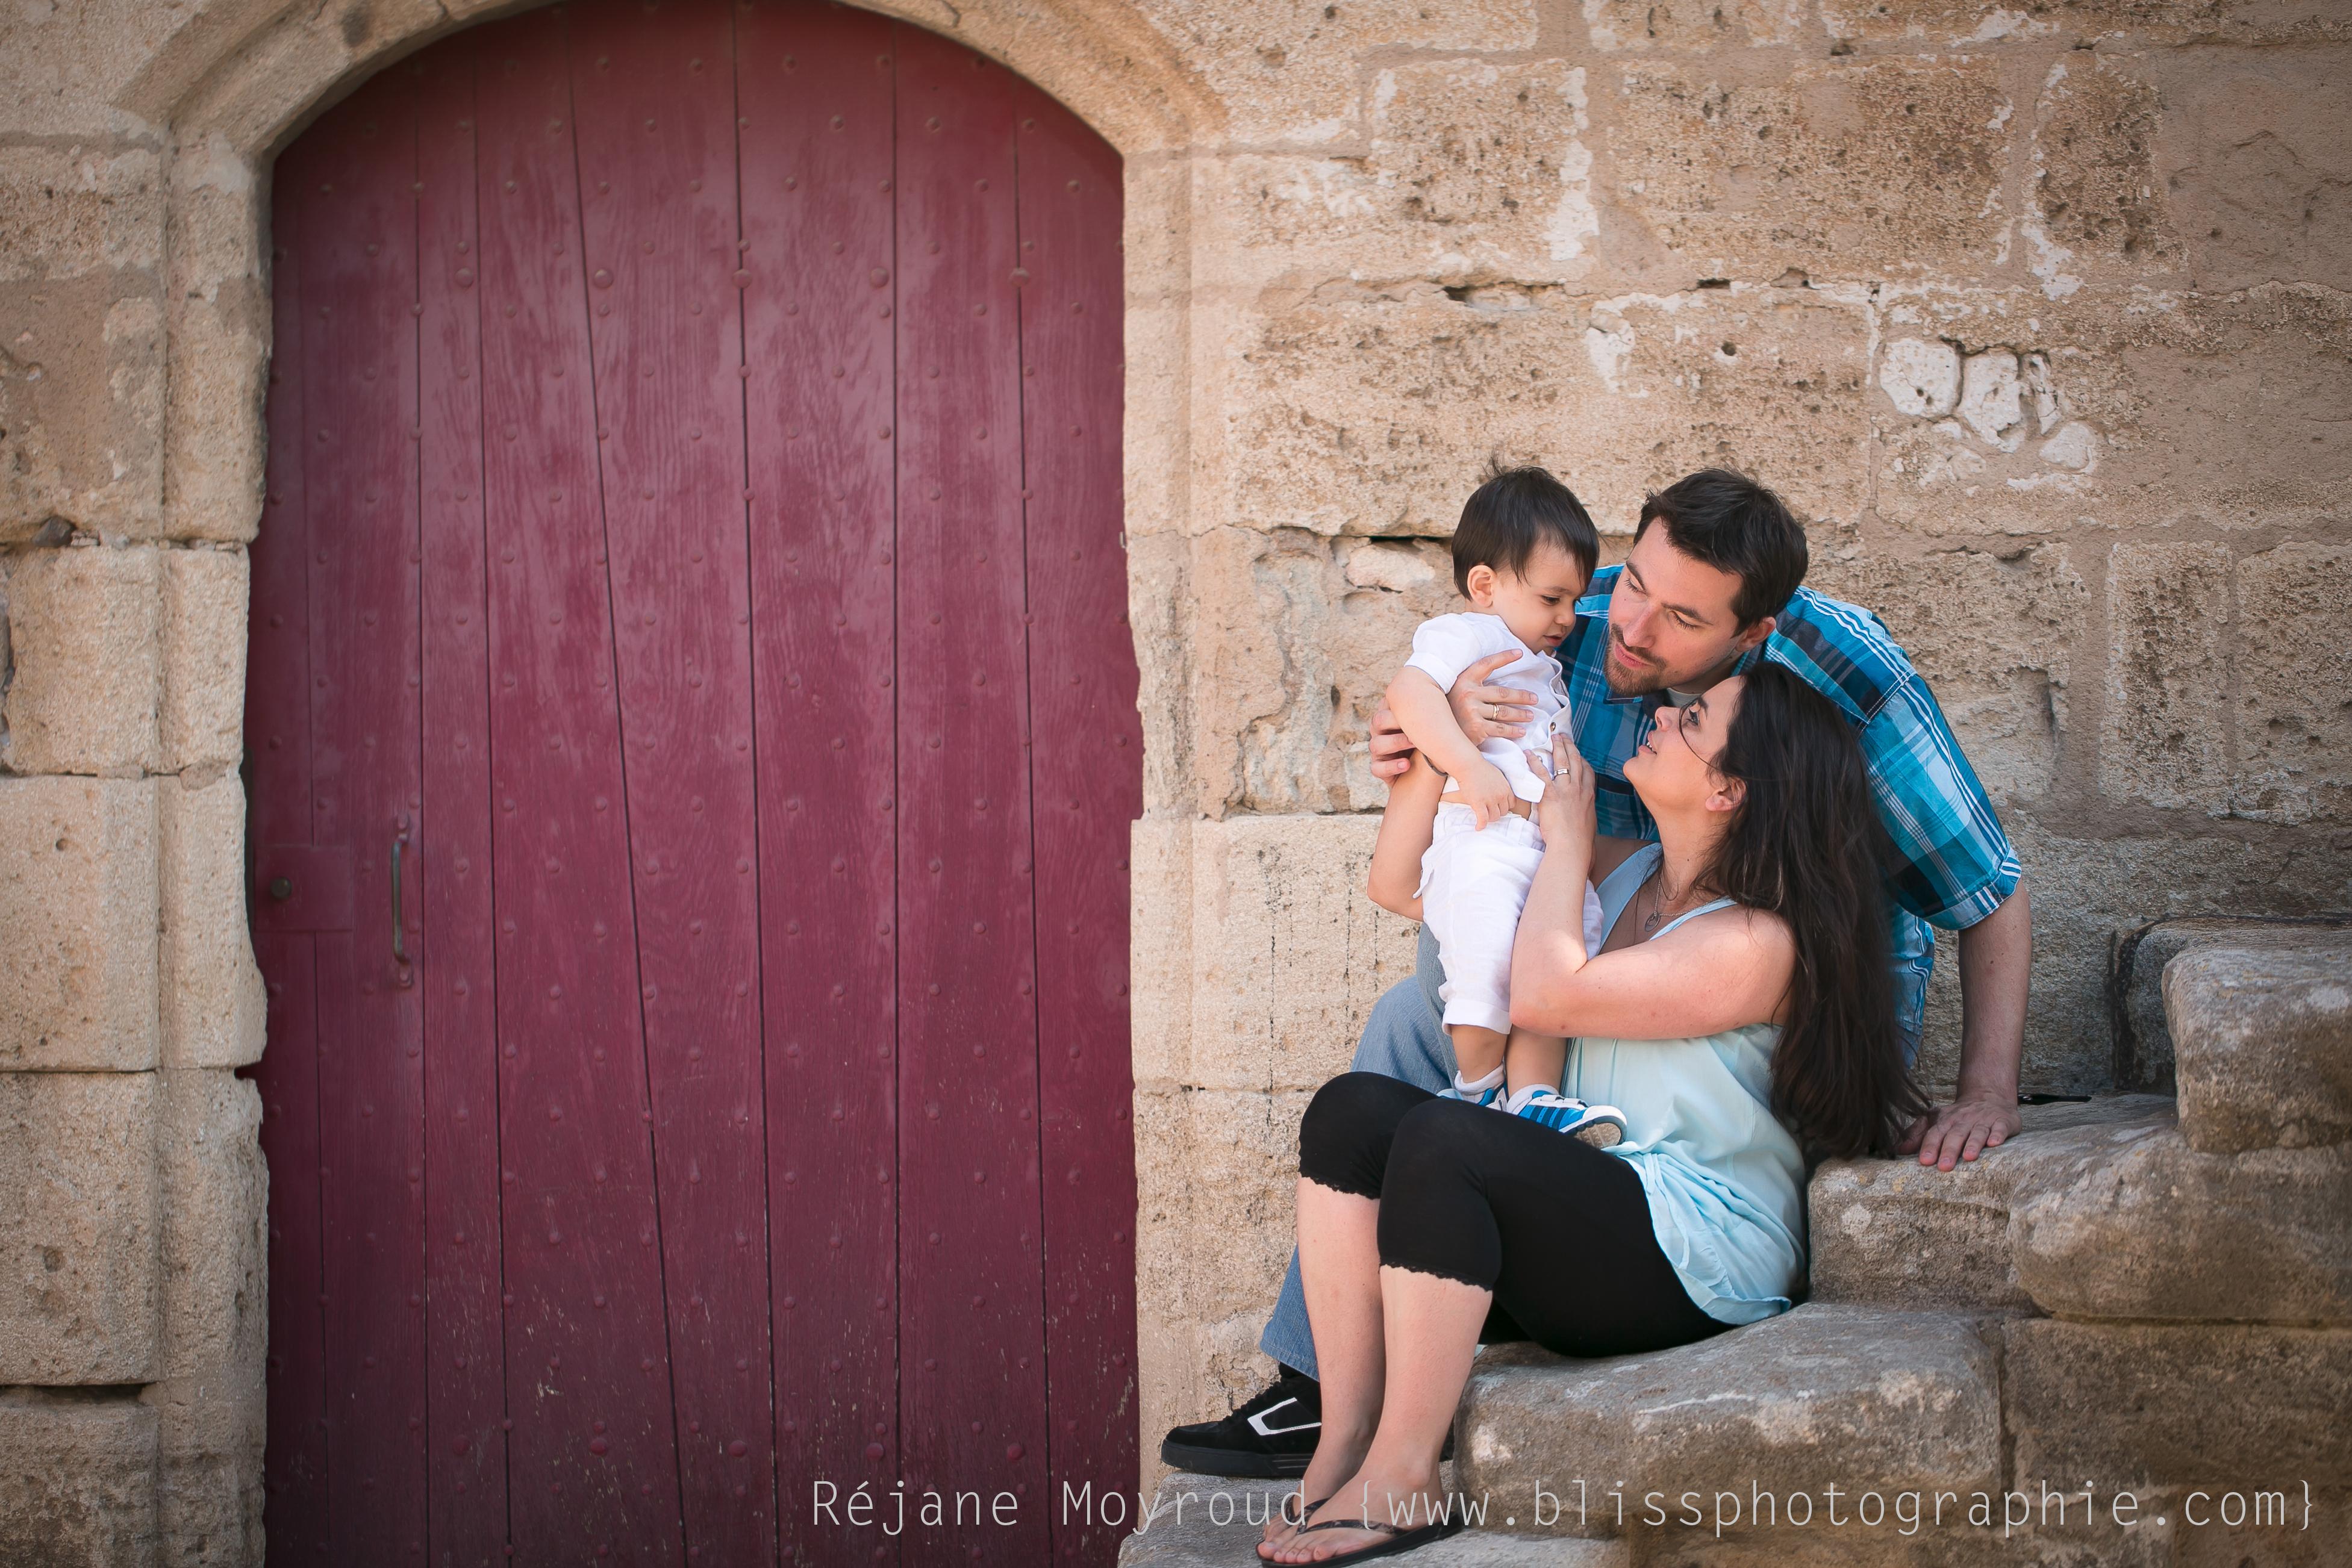 photographe montpellier herault famille enfant bébé maman papa nimes gard lifestyle baillargues lunel